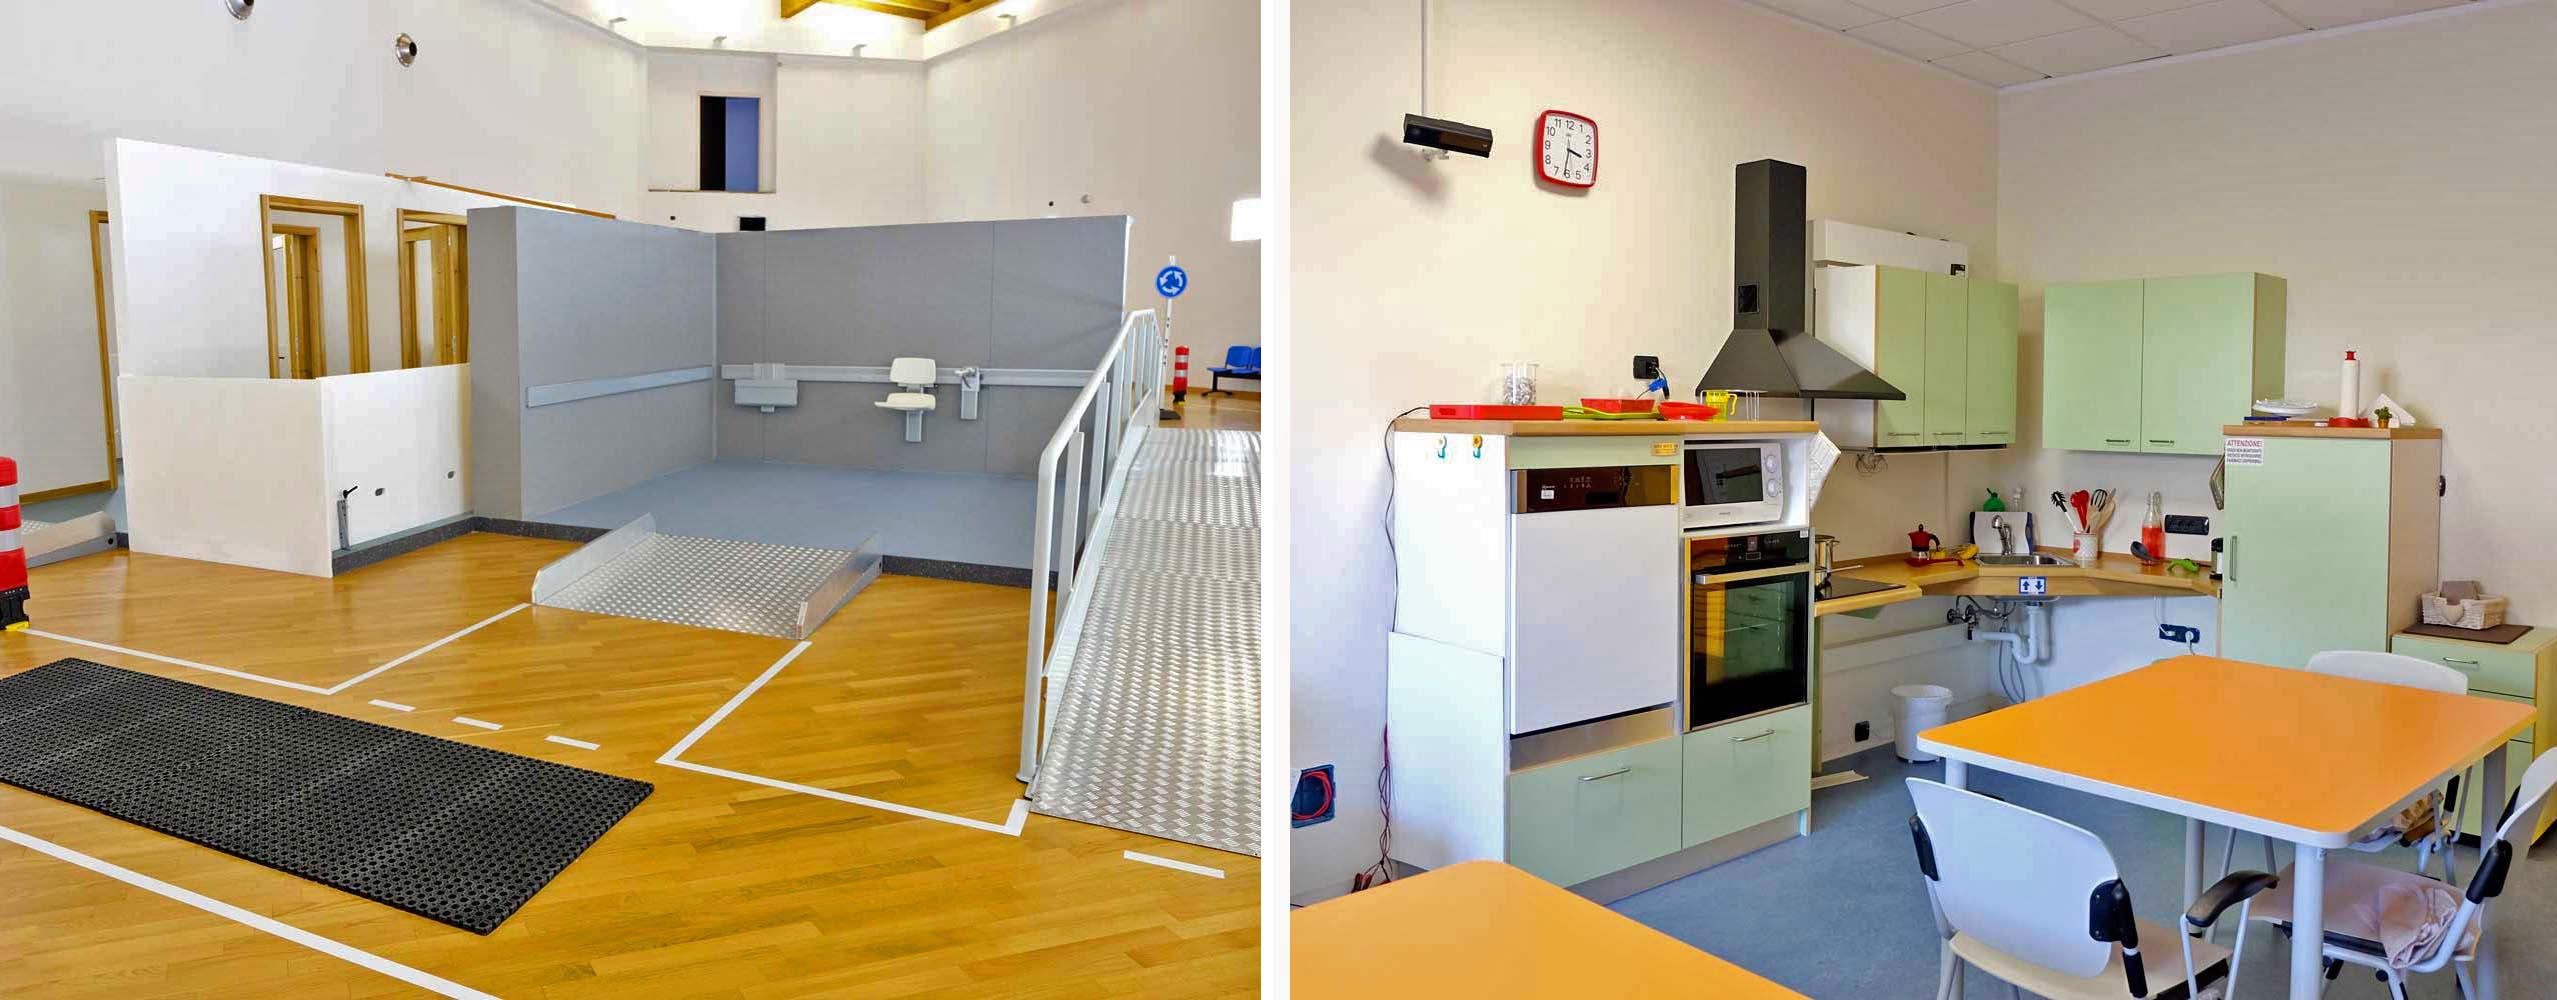 """Il progetto Ausilia lancia la """"sperimentazione dell'abitazione accessibile."""""""